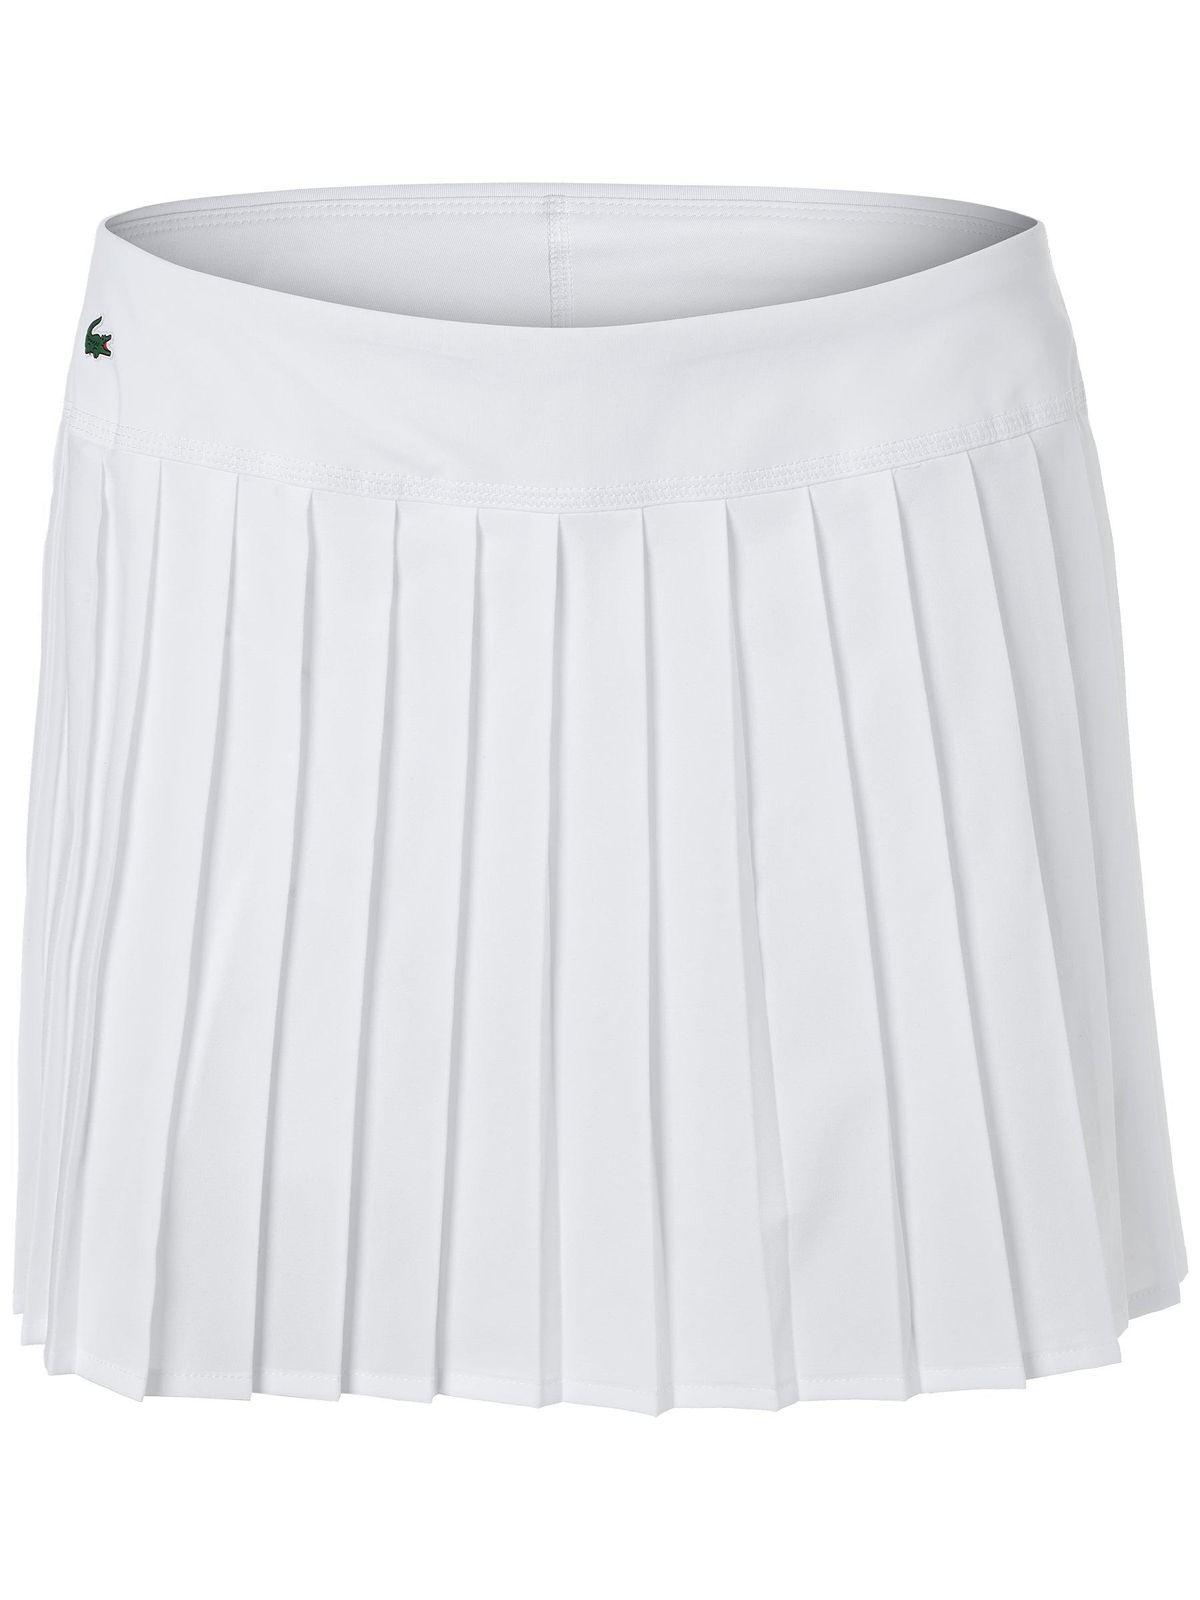 Women's Spring Pleated Skirt